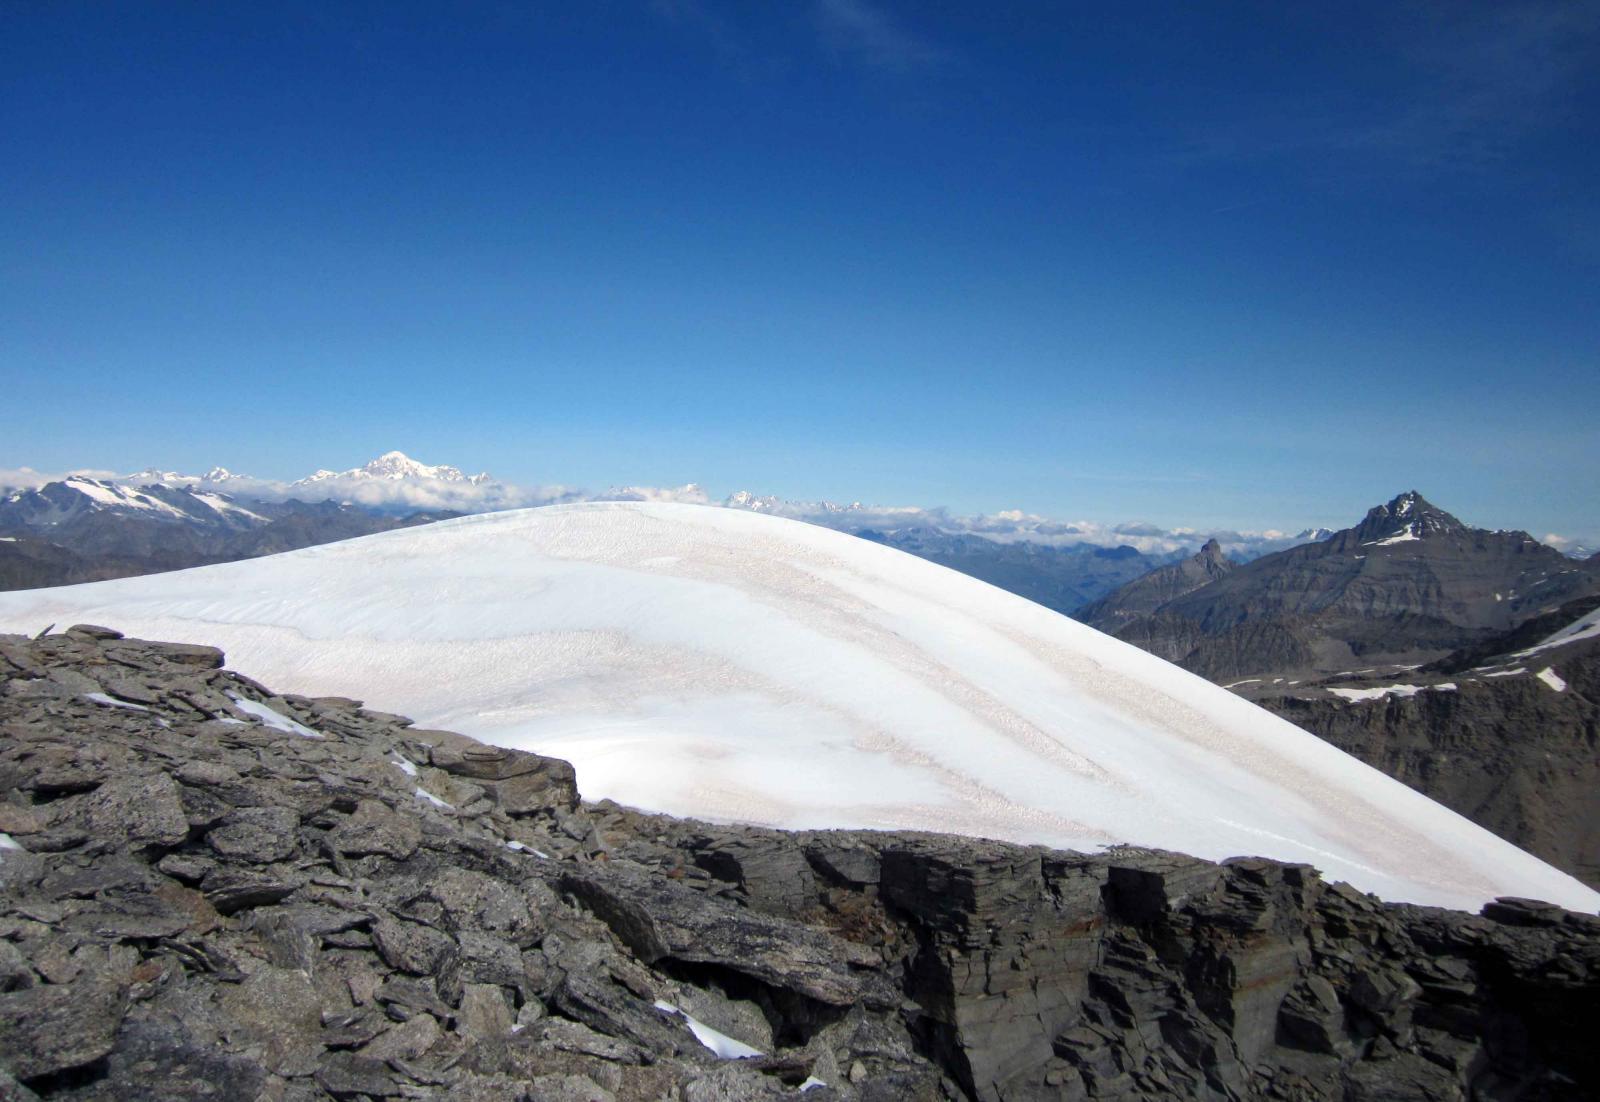 calotta glaciale: c'è anche un piccolo laghetto